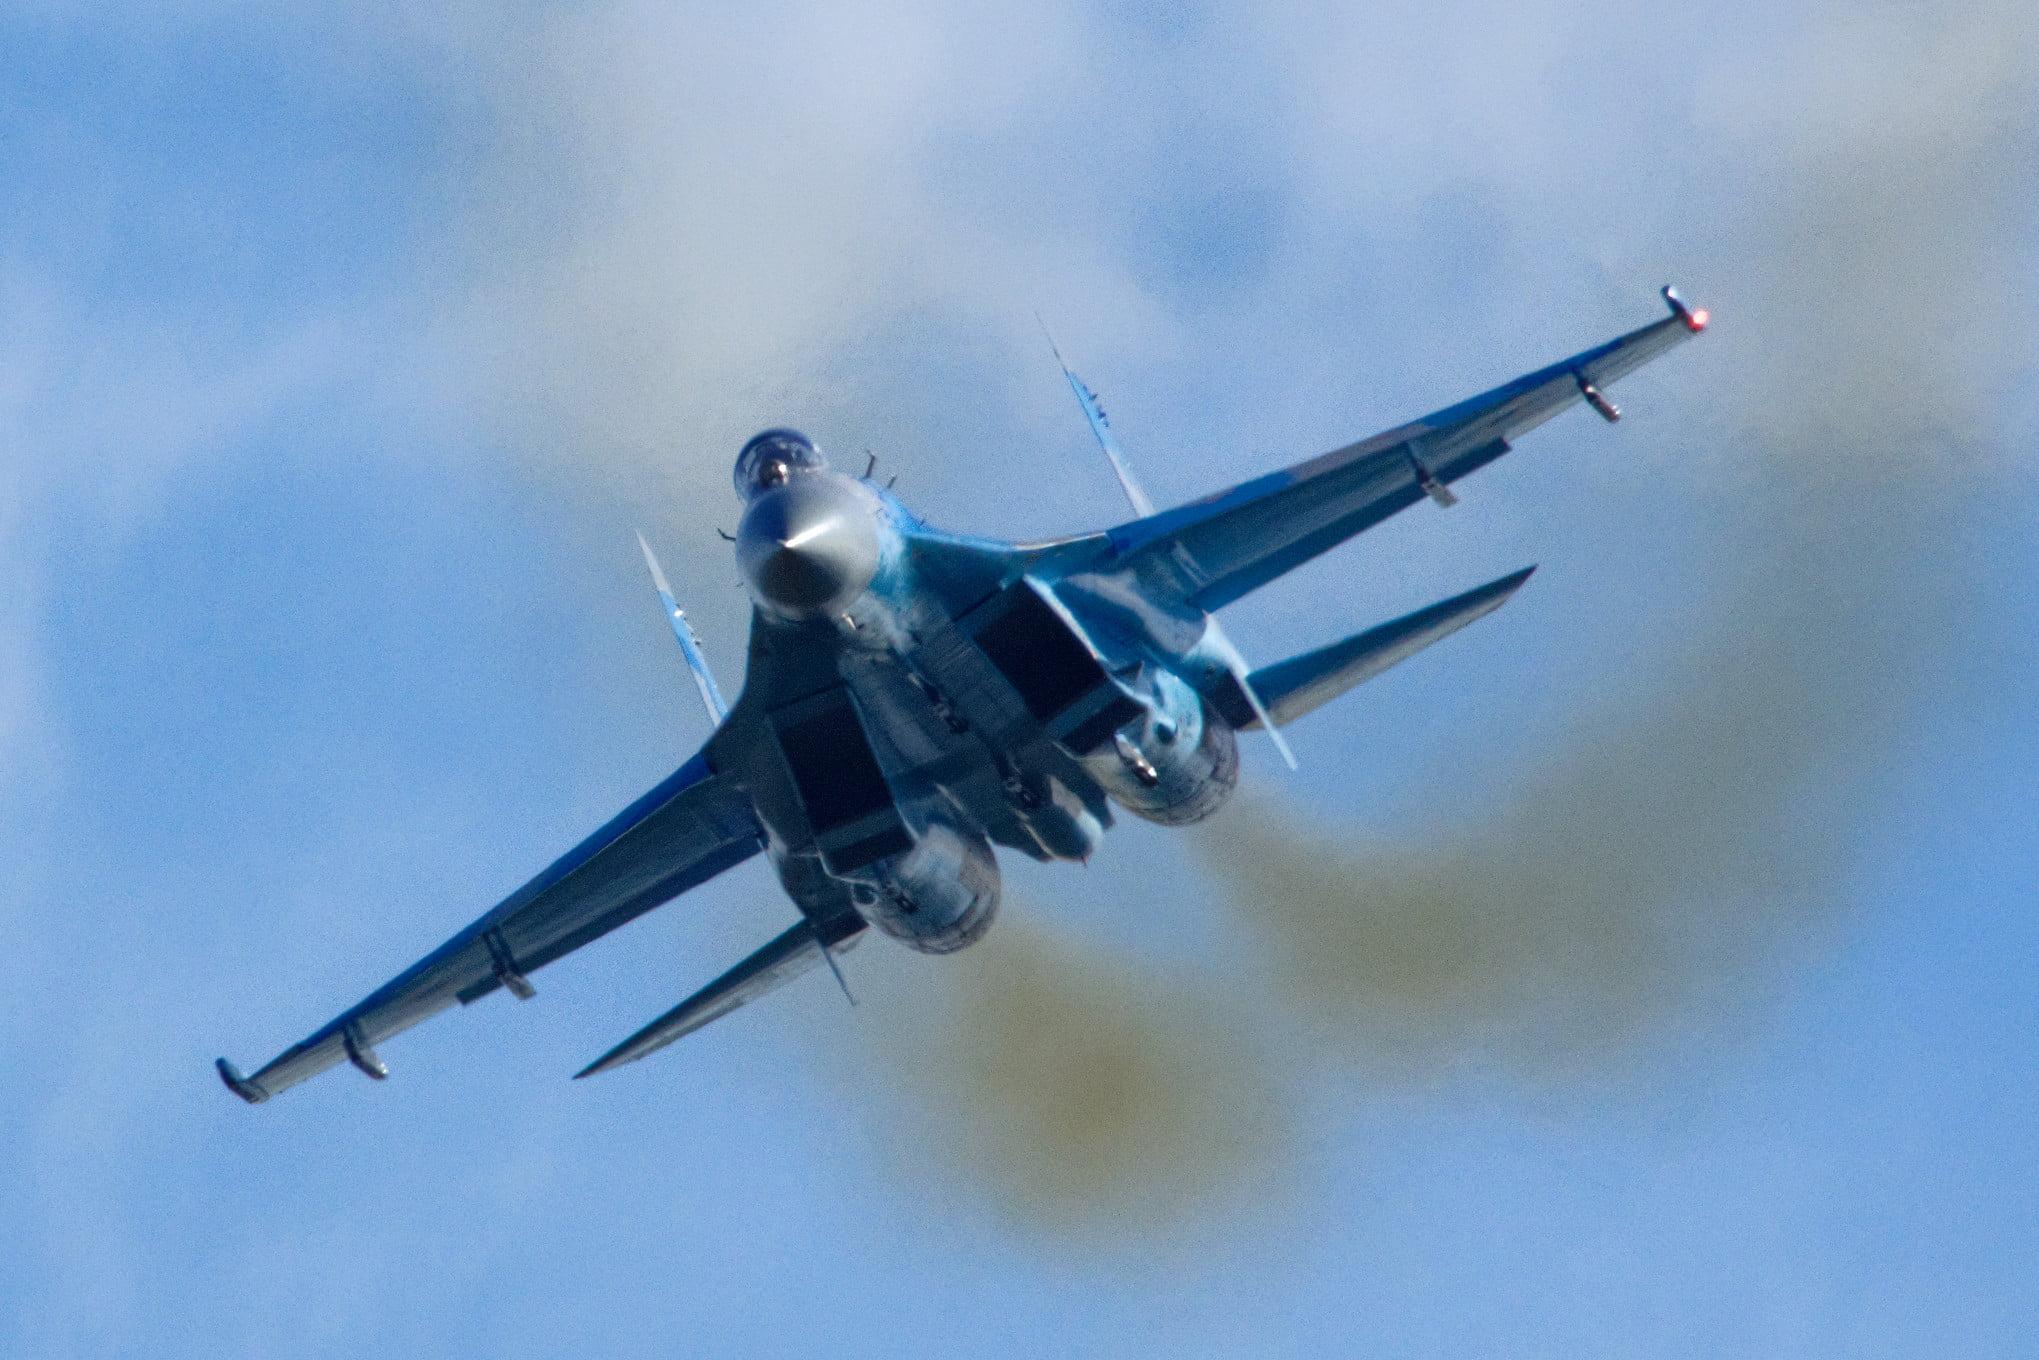 Ρωσικό μαχητικό Su-27 σε εντυπωσιακά πλάνα πάνω από τα βουνά της Κριμαίας – Βίντεο